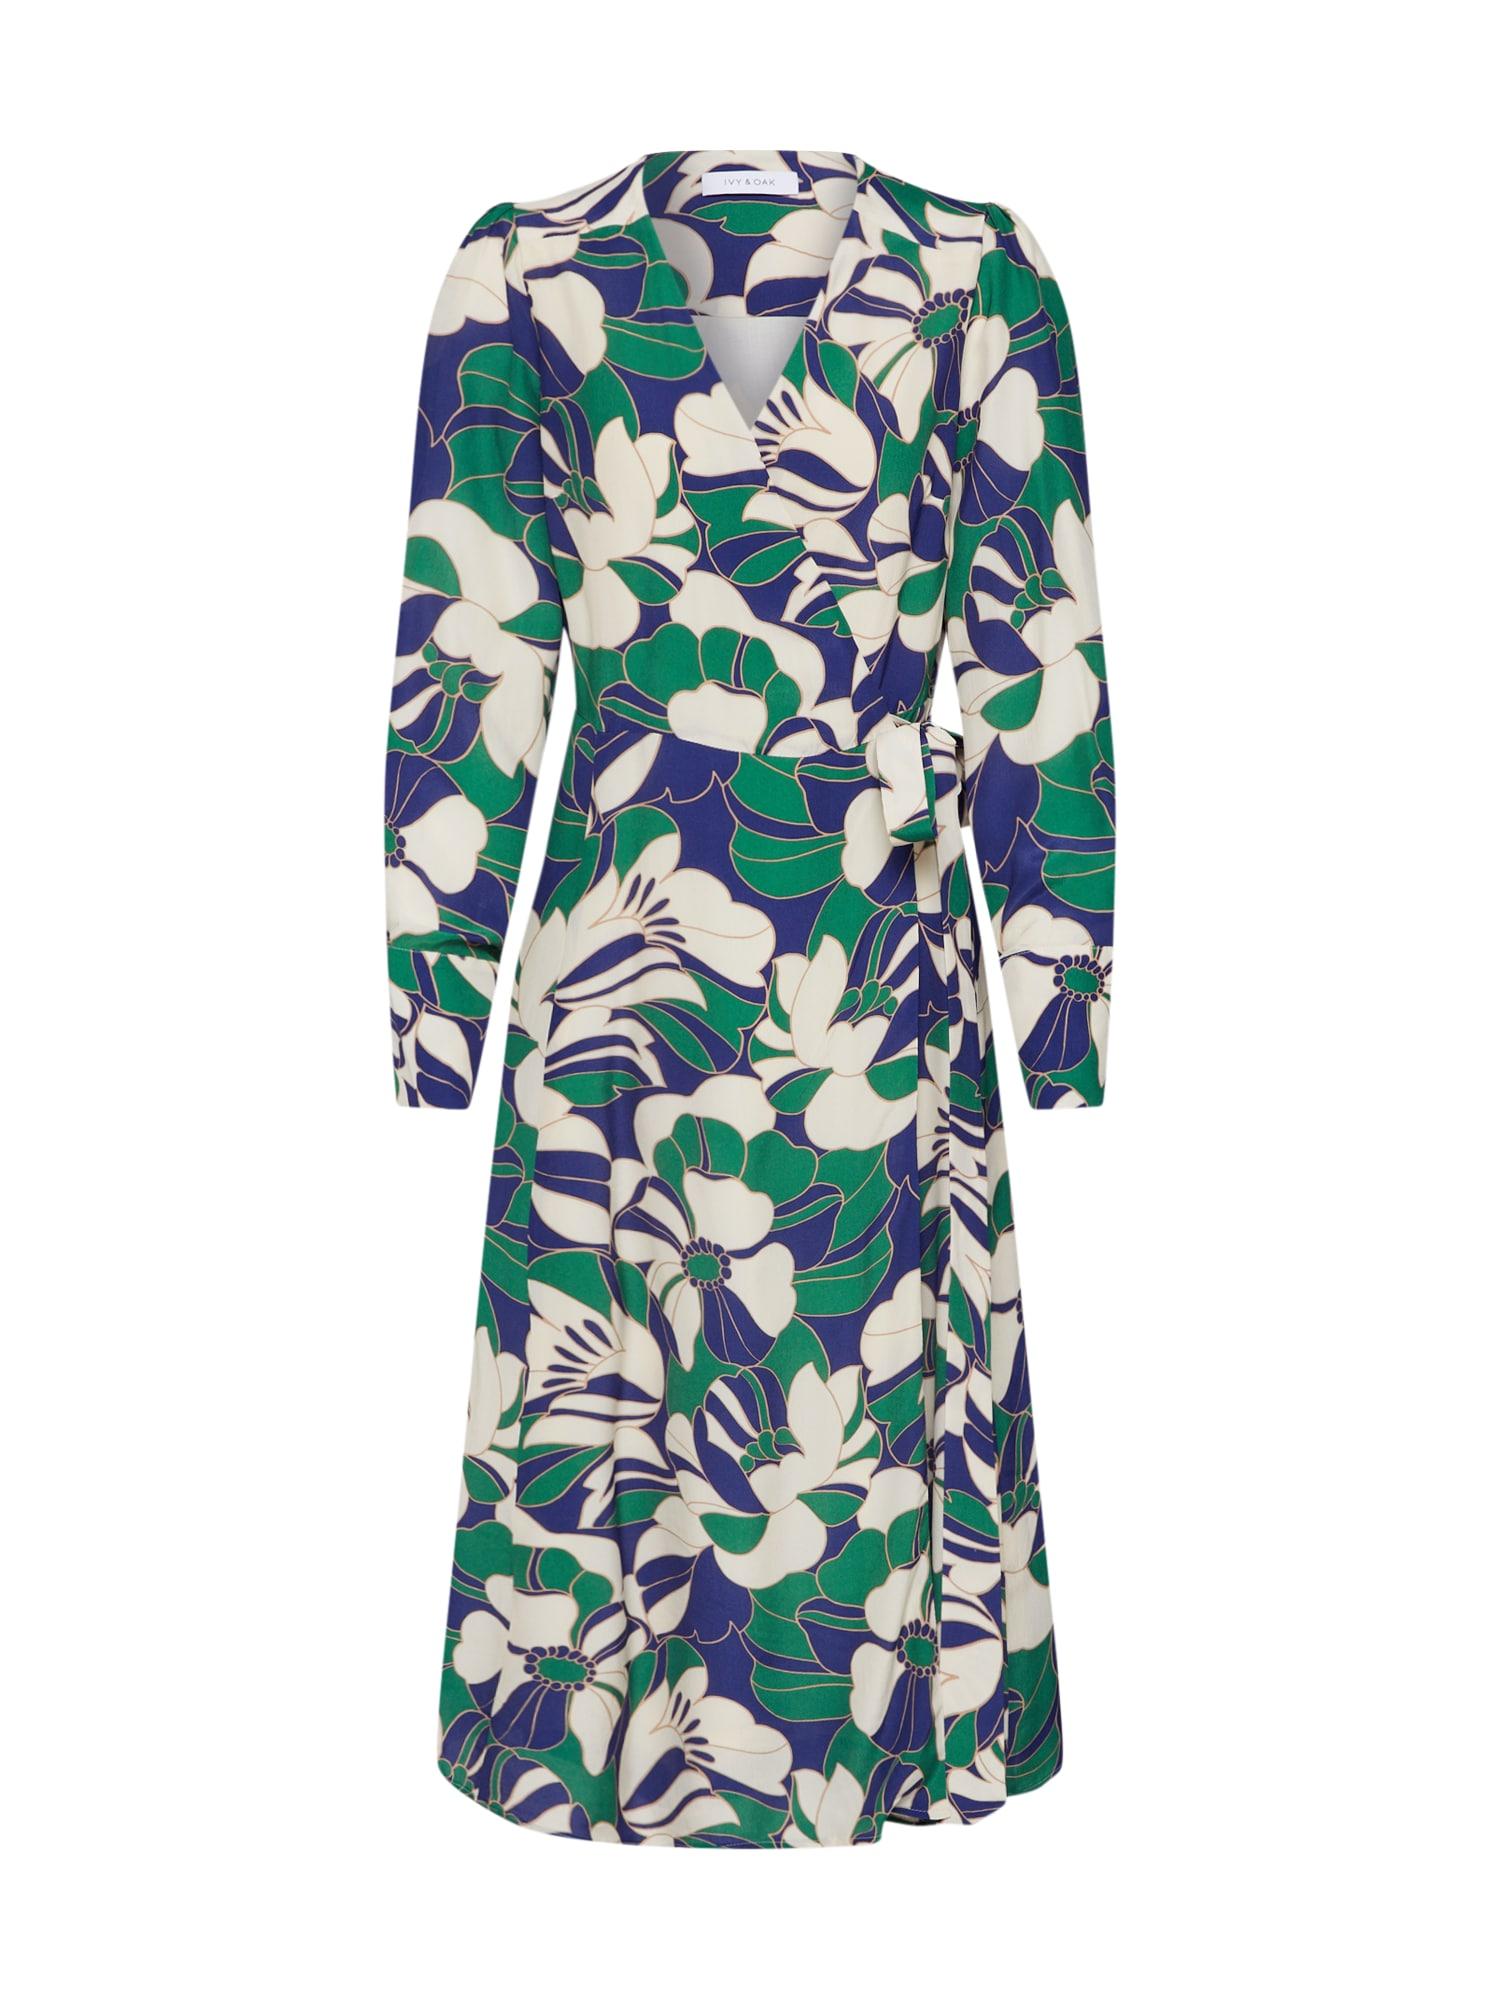 IVY & OAK Šaty  krémová / tmavě zelená / tmavě fialová